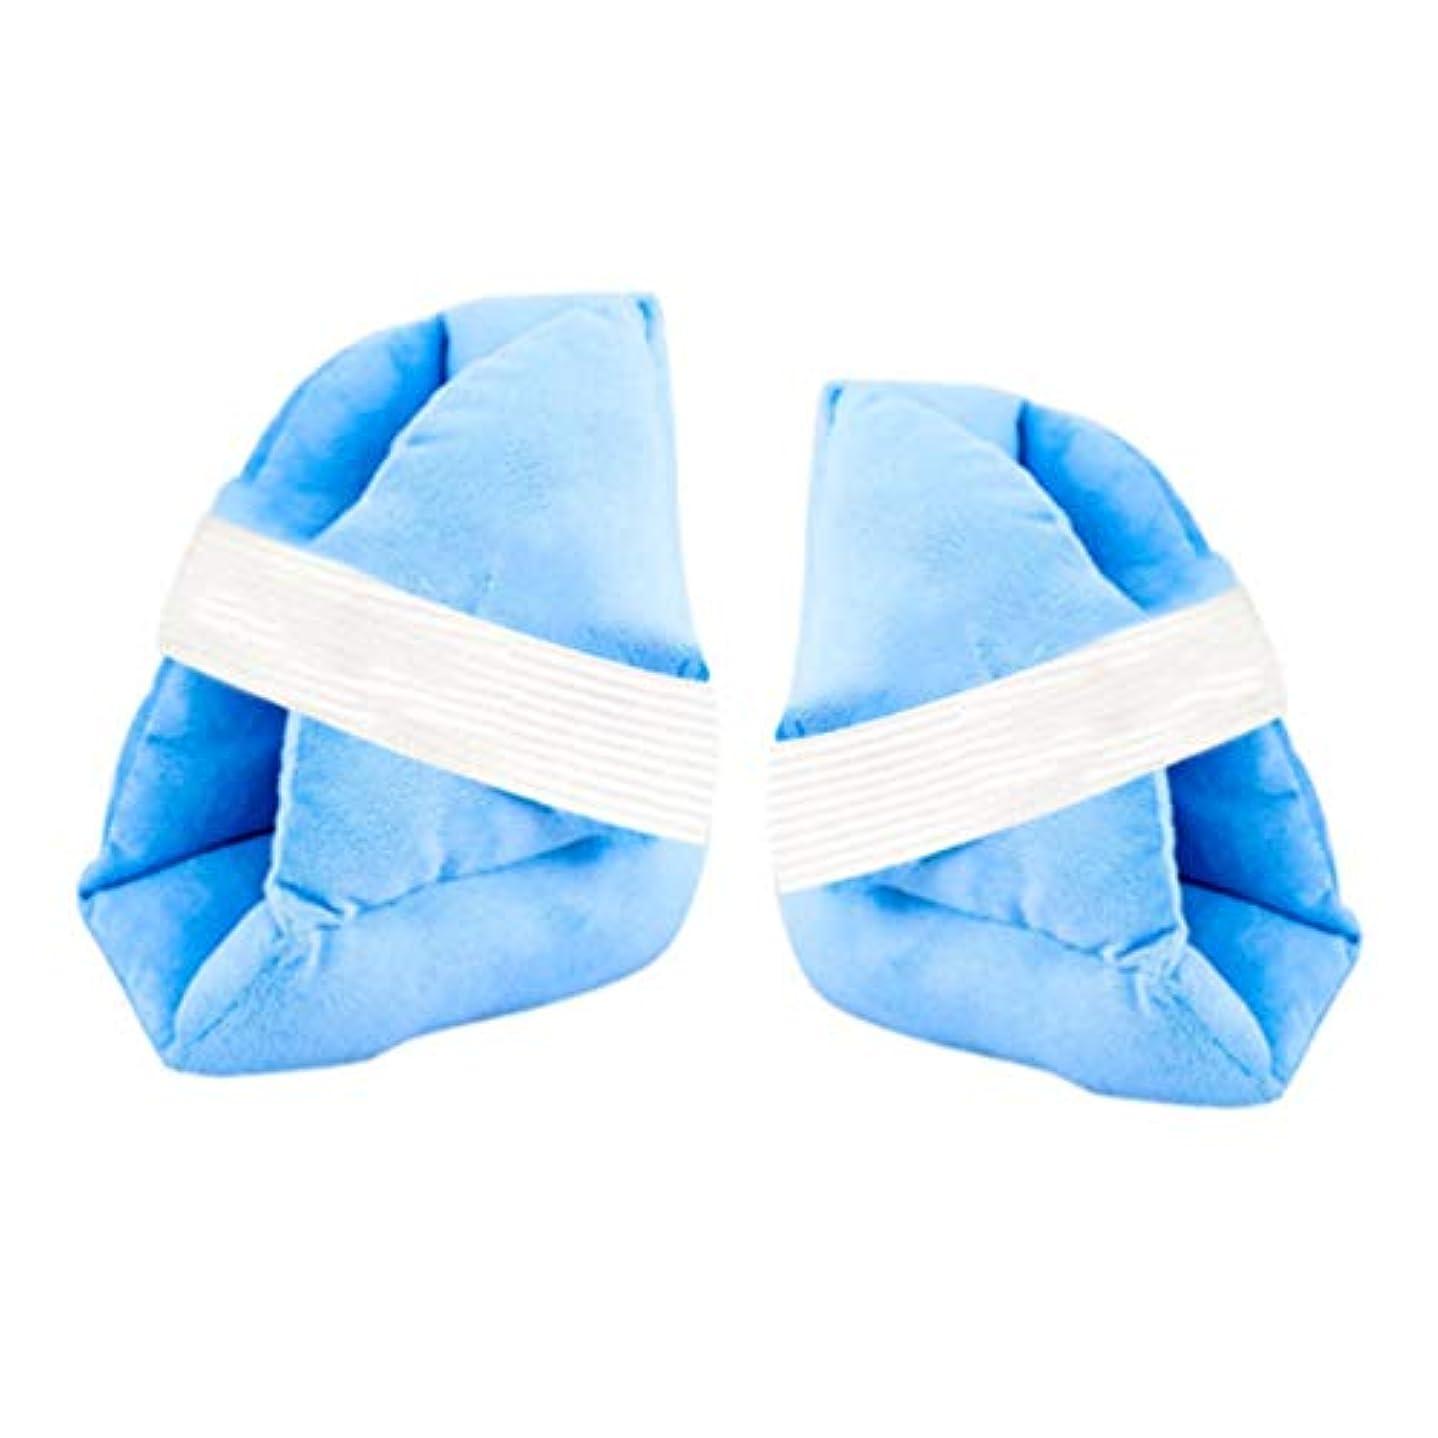 一目概要トン柔らかく快適なヒールプロテクター枕、ヒールフロートヒールプロテクター、Pressure瘡予防のためのアキレス腱プロテクター、高齢者の足補正カバー,b